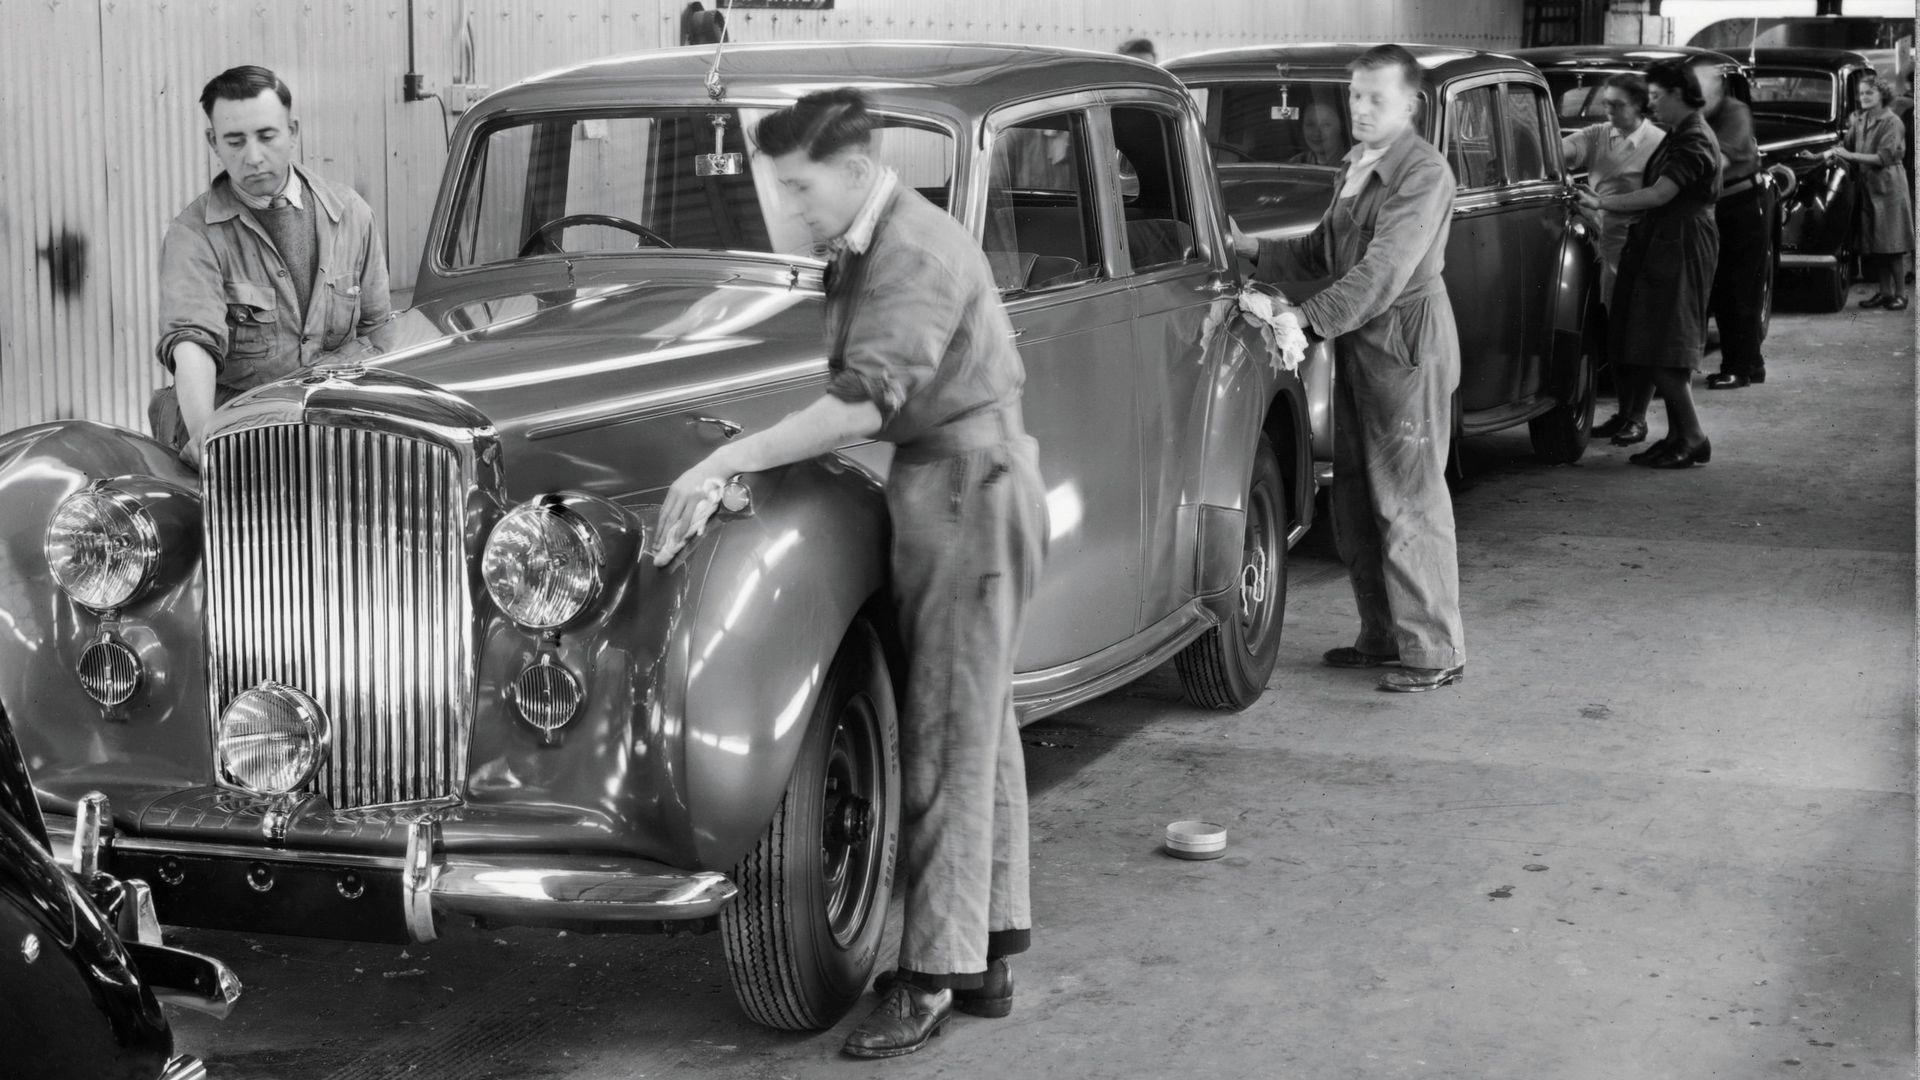 Bentley MK VI - первая серийная модель завода Benley в Крю, Англия